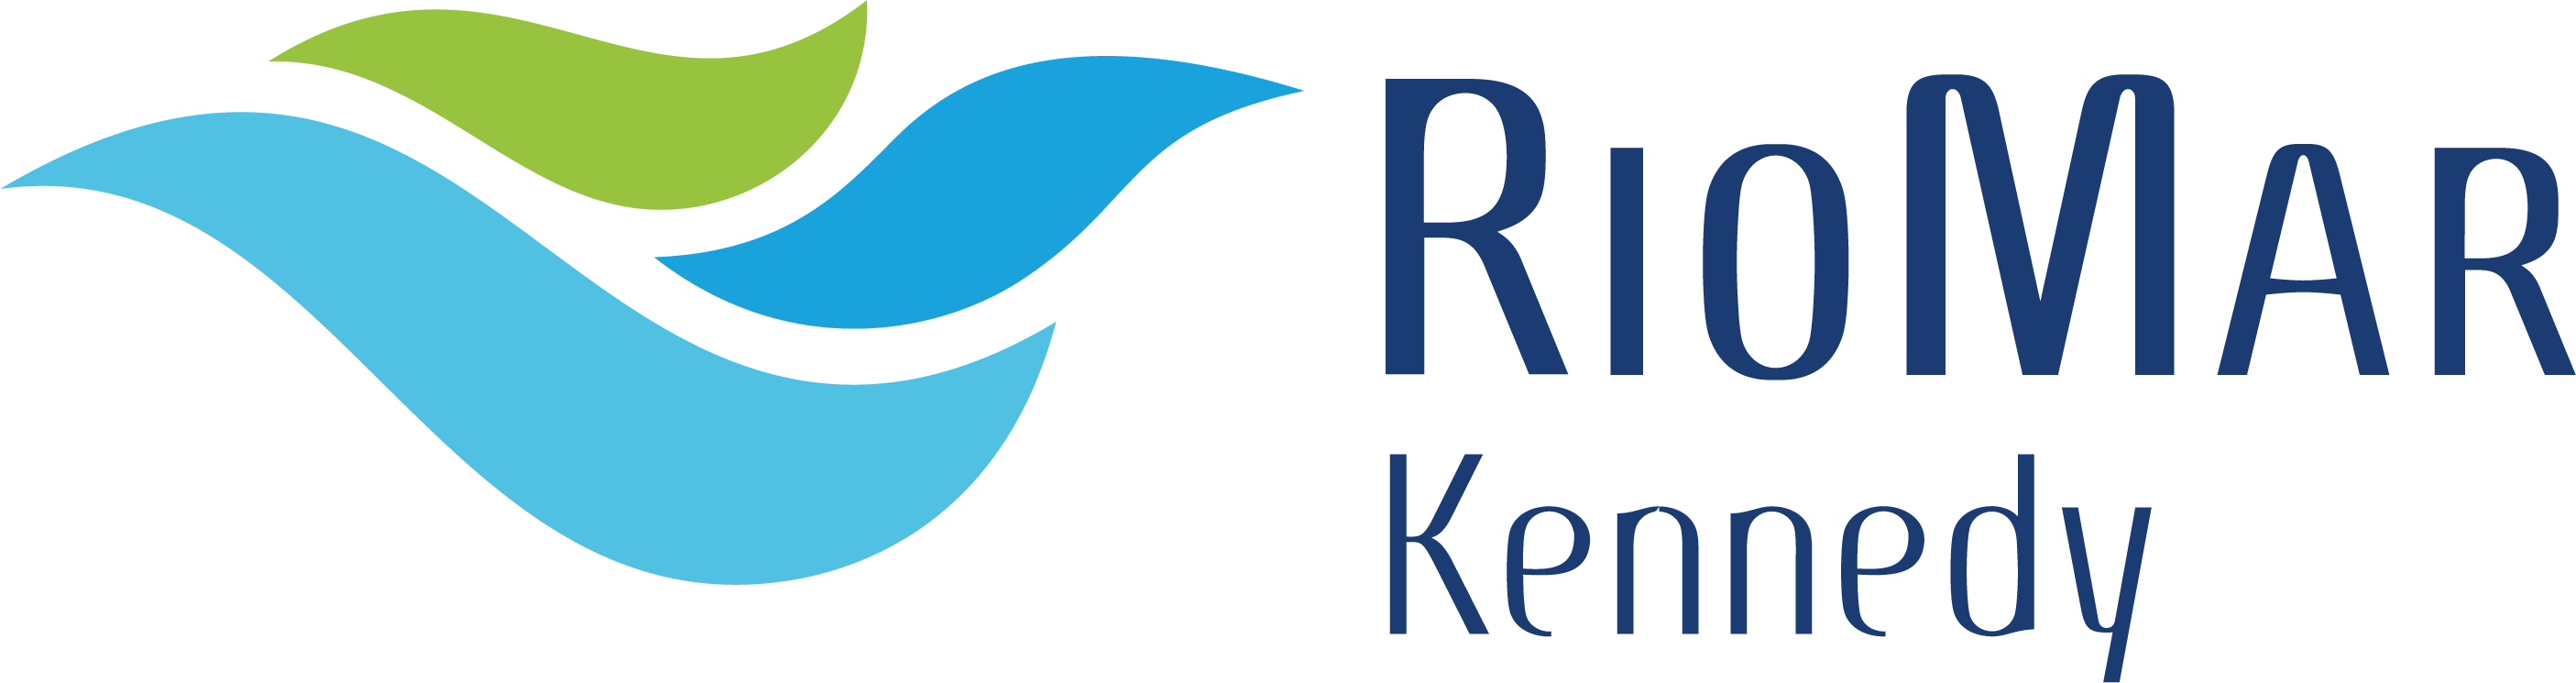 RioMar Kennedy Online